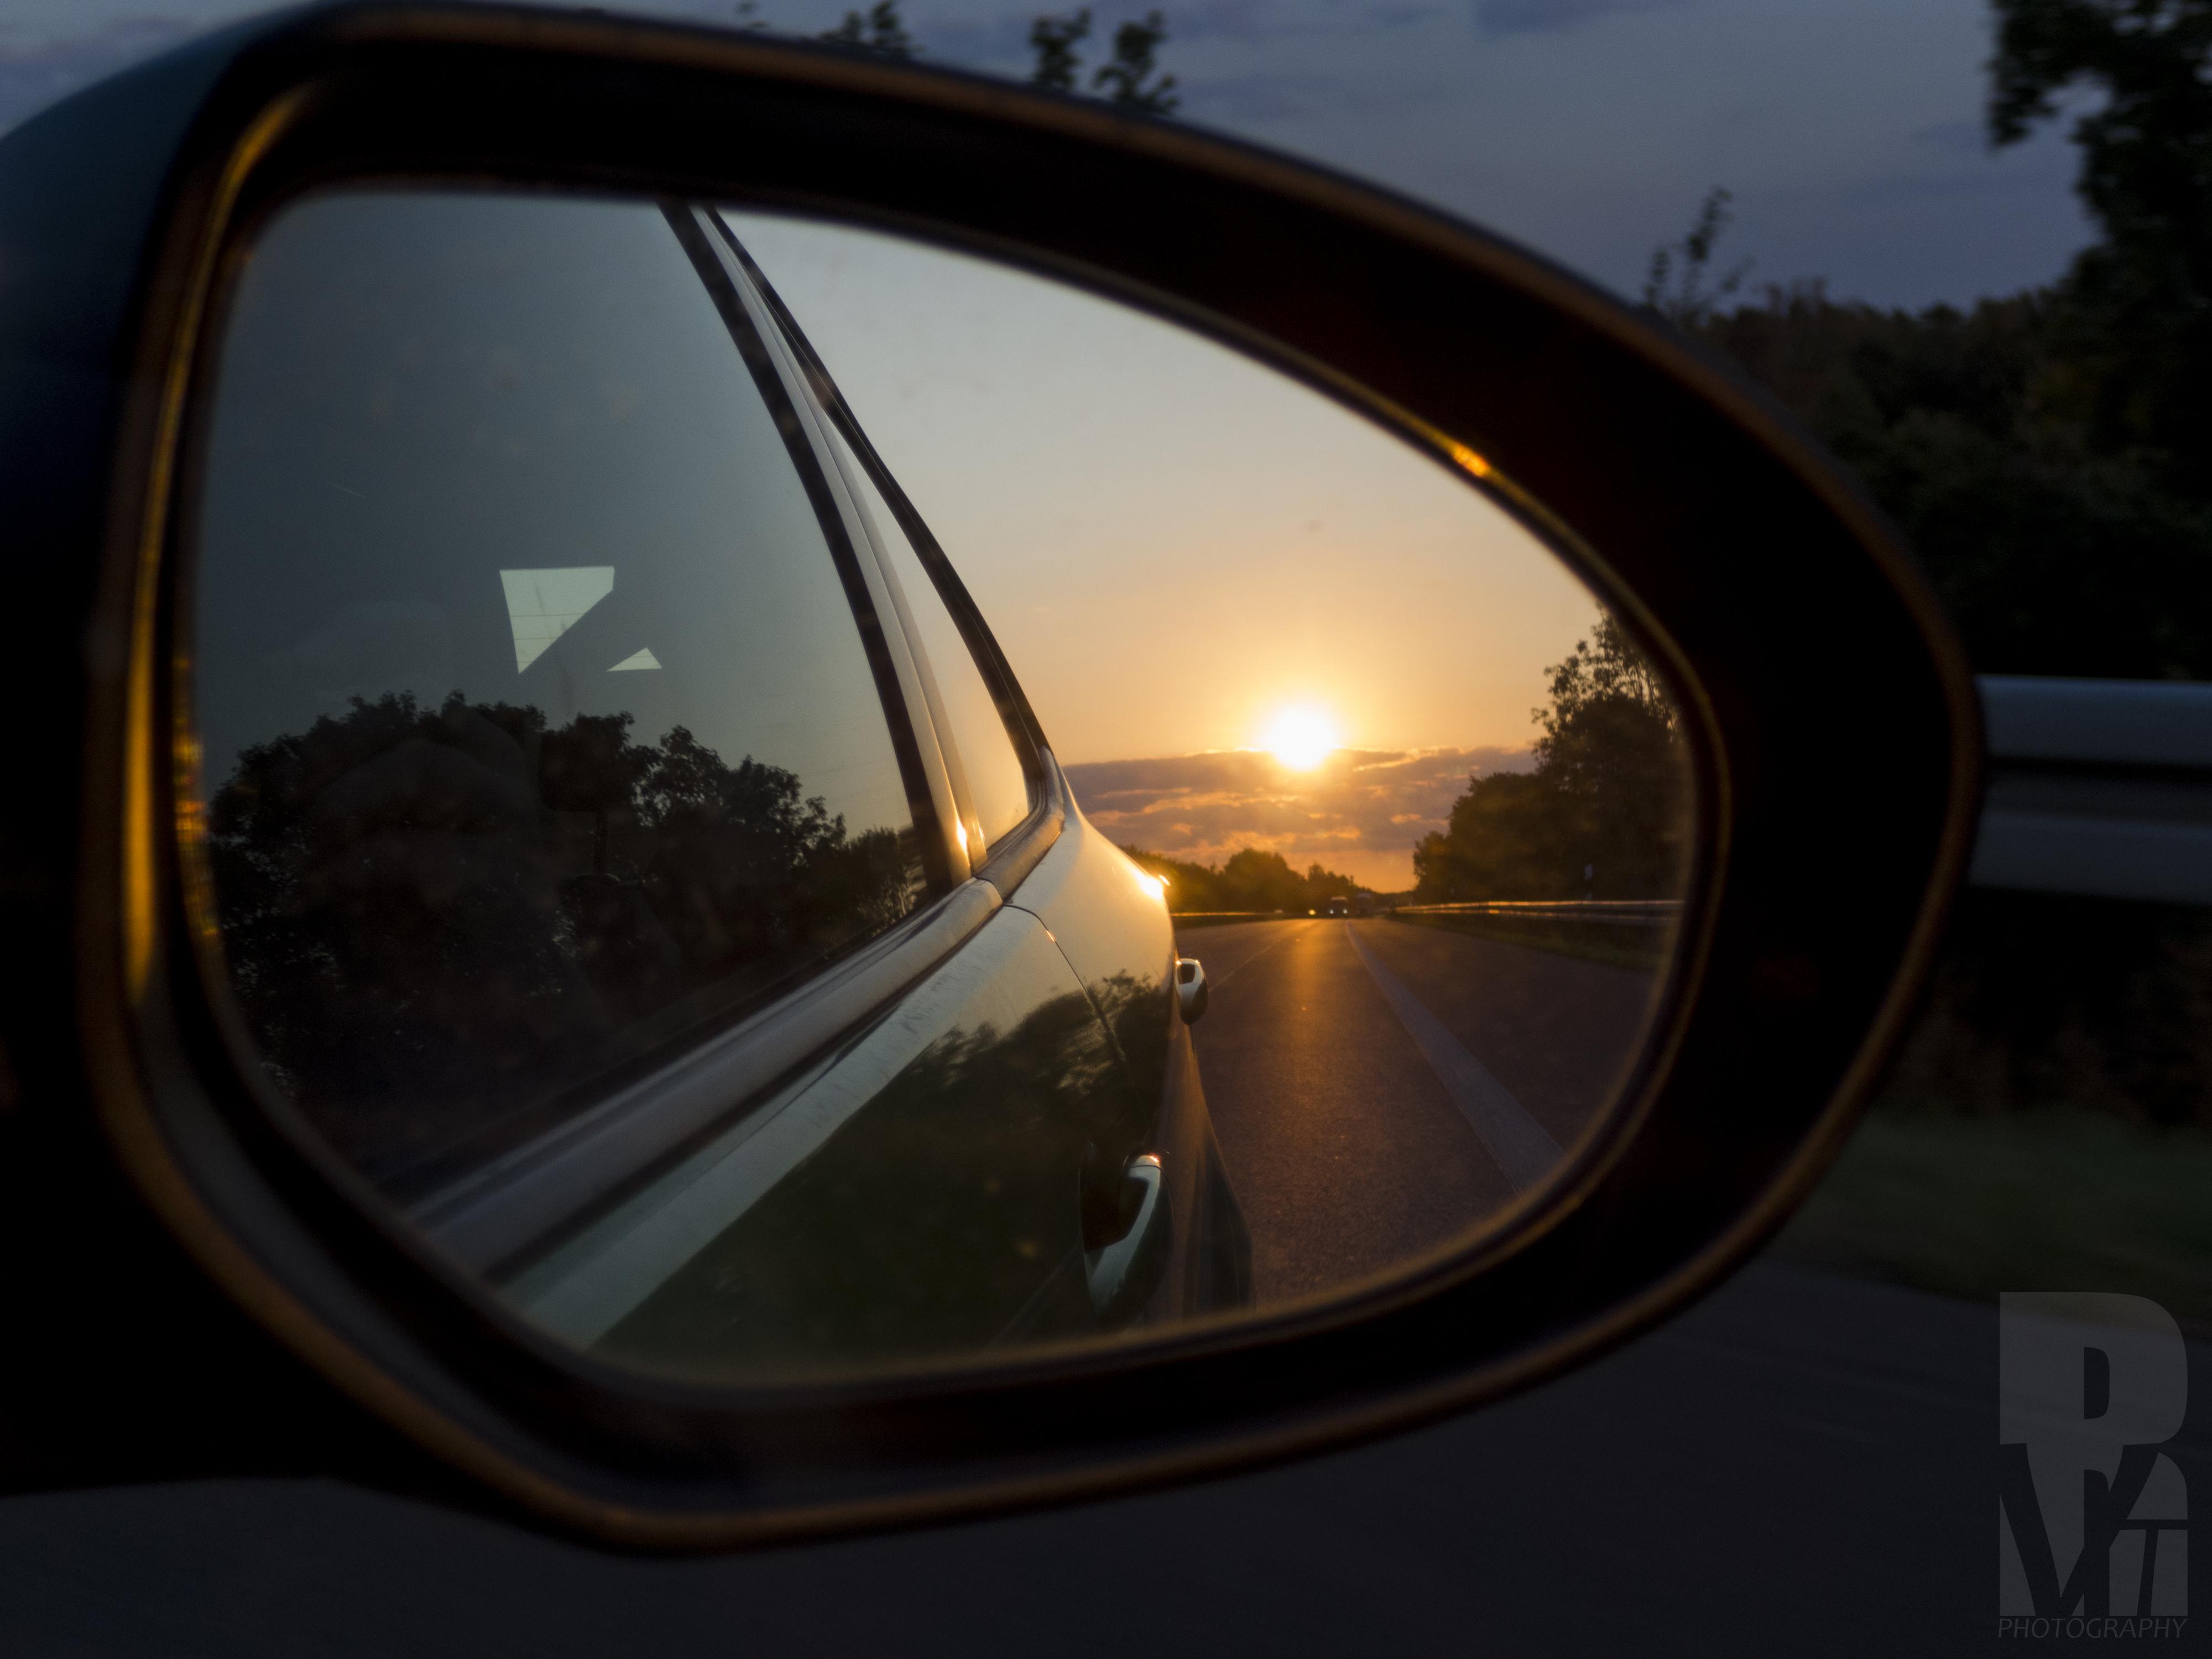 Auto spiegel